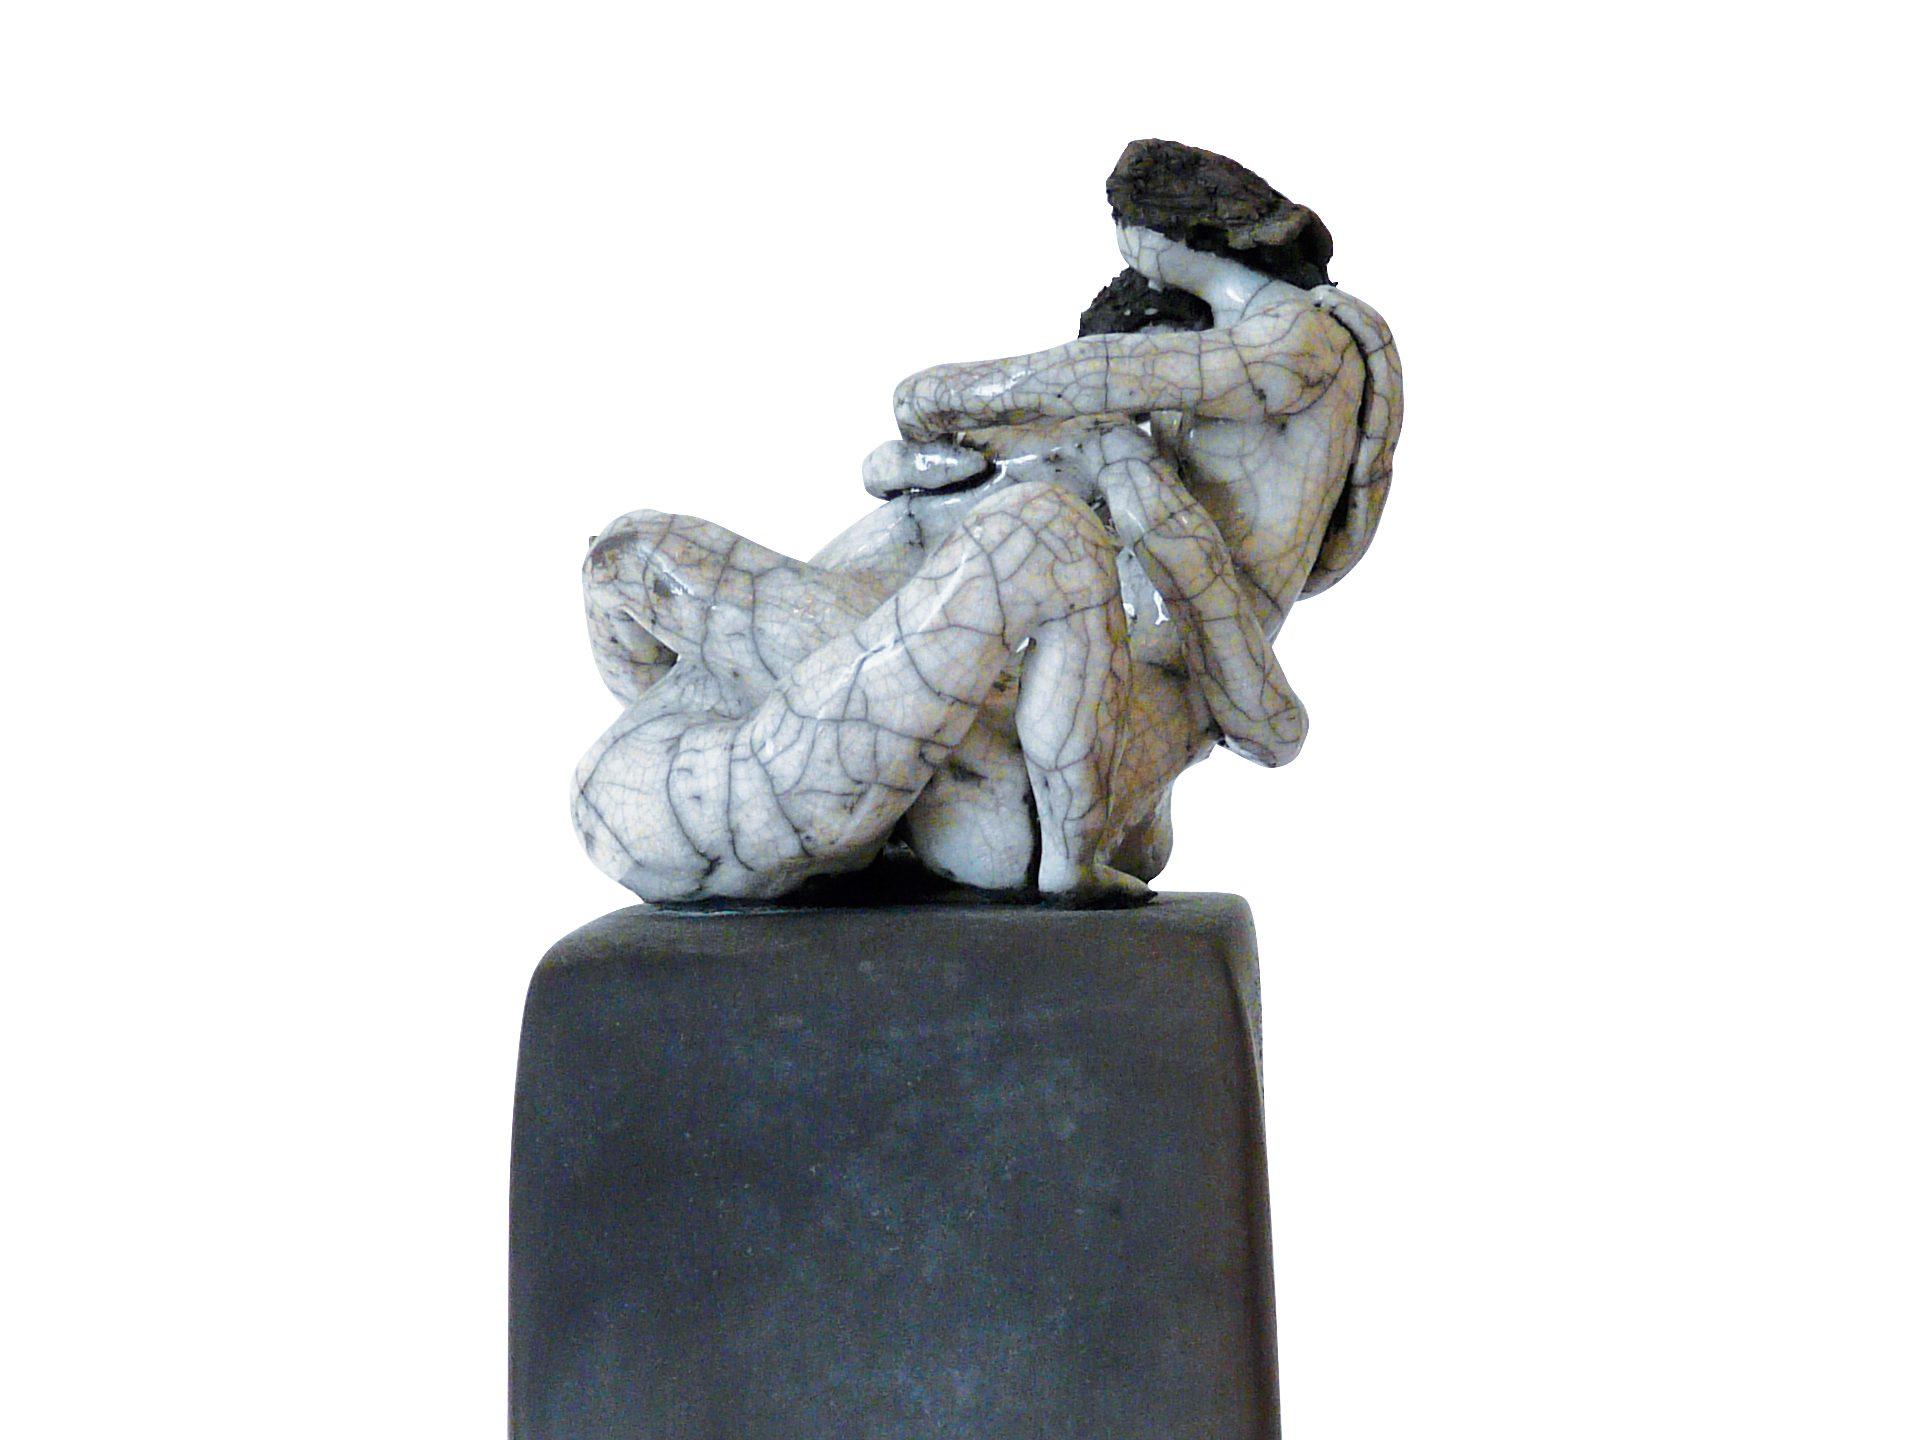 La naissance des sens - Grès - Raku - Sculptures céramique de Florence Lemiegre